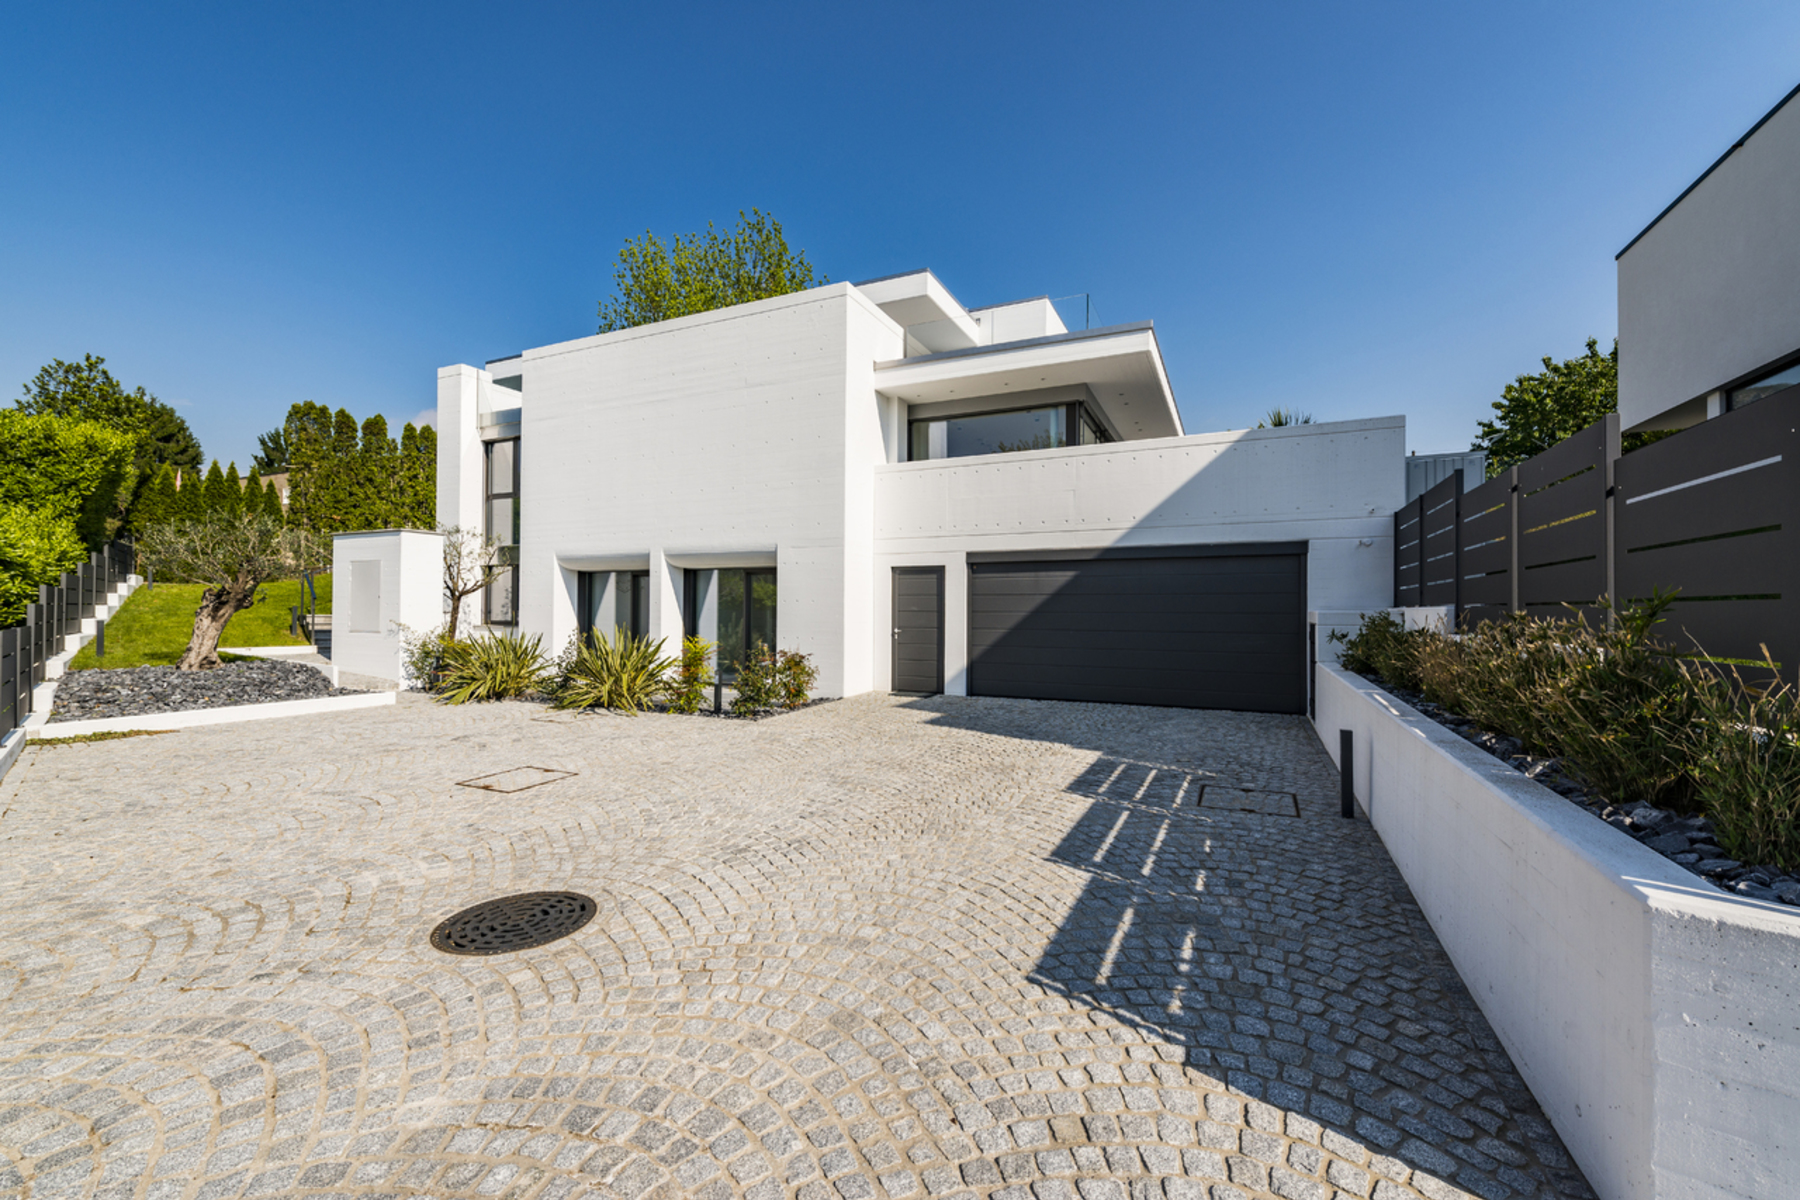 Single Family Homes for Sale at Comfortable and modern villa Collina d'Oro-Gentilino Gentilino, Ticino 6925 Switzerland